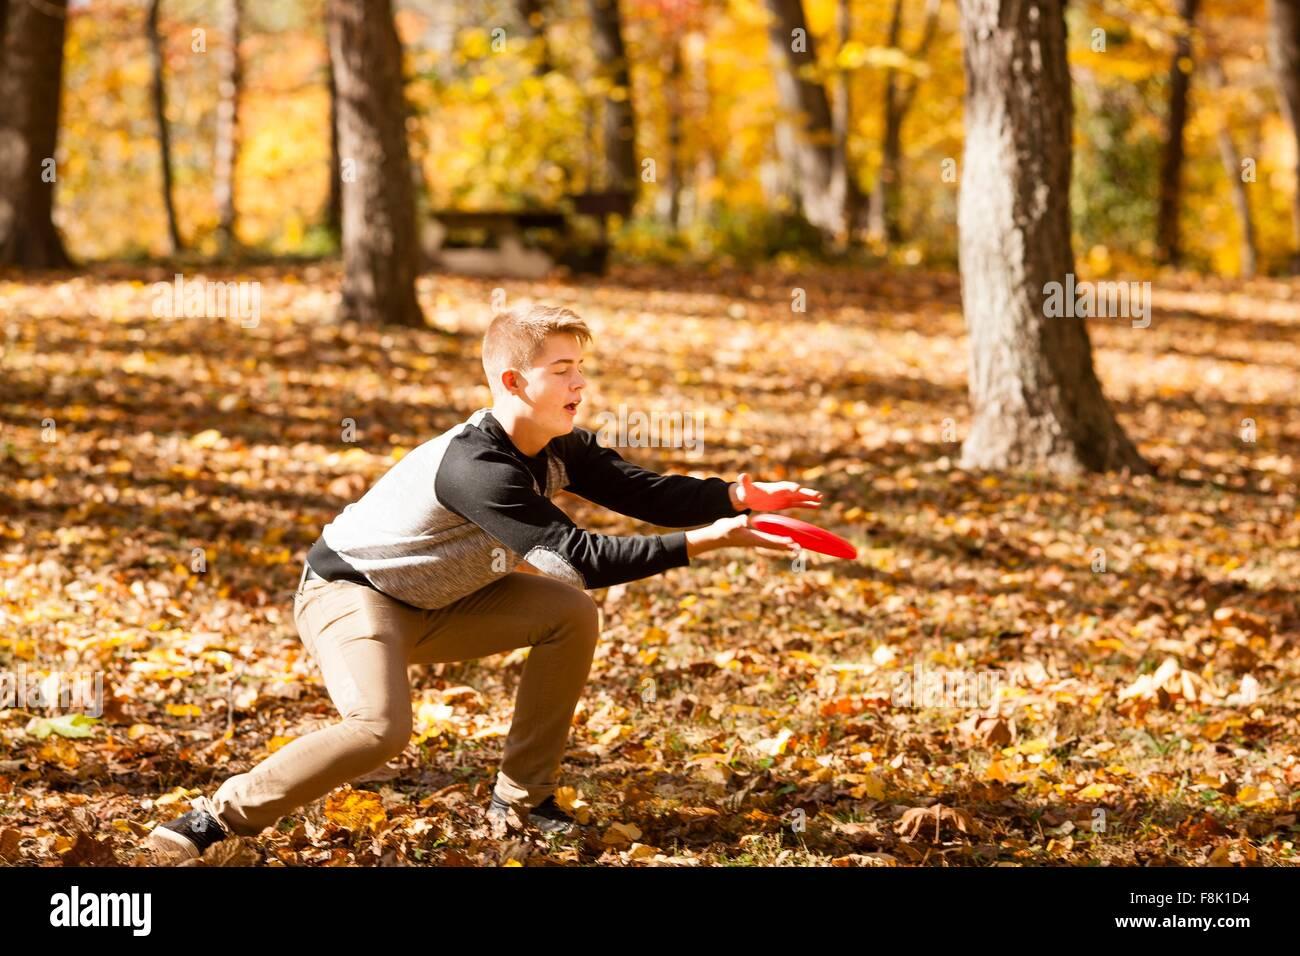 Adolescente atrapar Flying Disc en otoño bosque Imagen De Stock